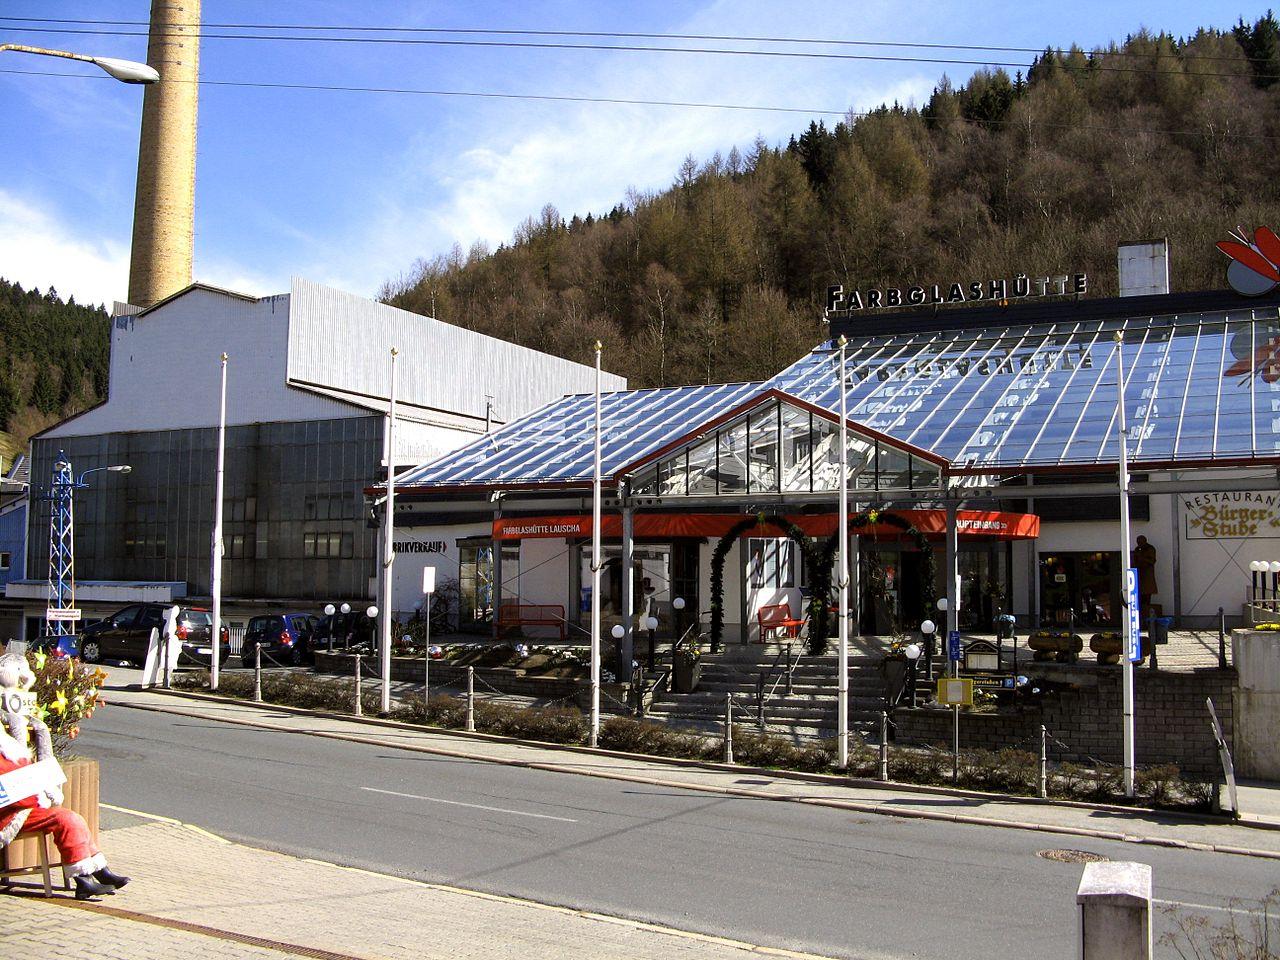 Bild Farbglashütte Lauscha